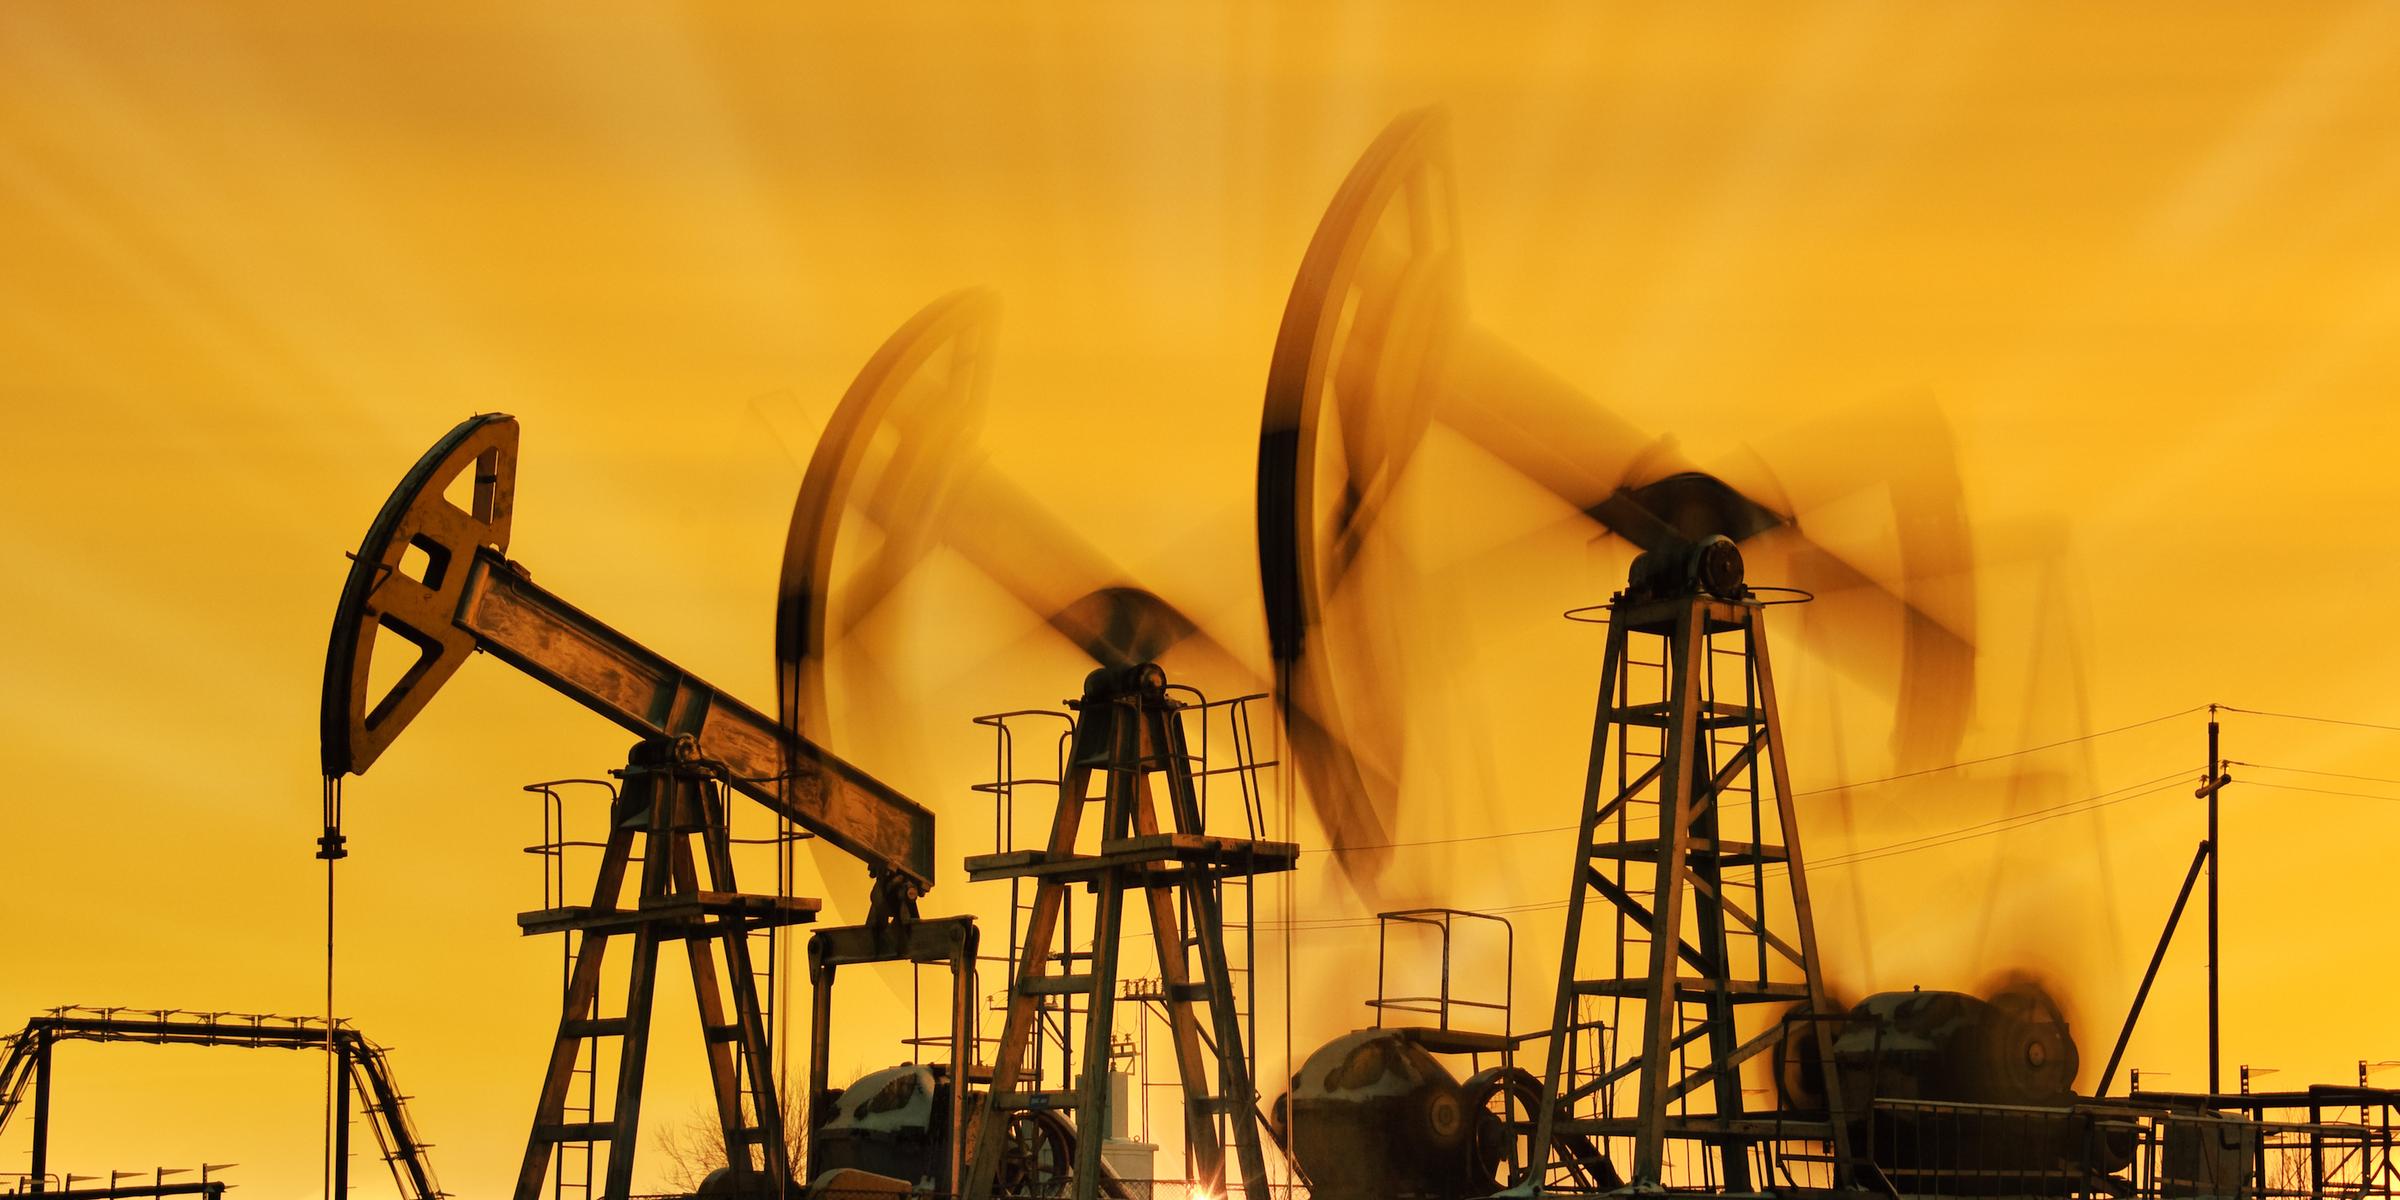 9月16日全球股市行情 原油一个半月新高 能源股本周二度领涨美股 英国通胀高涨 欧股逾六周新低